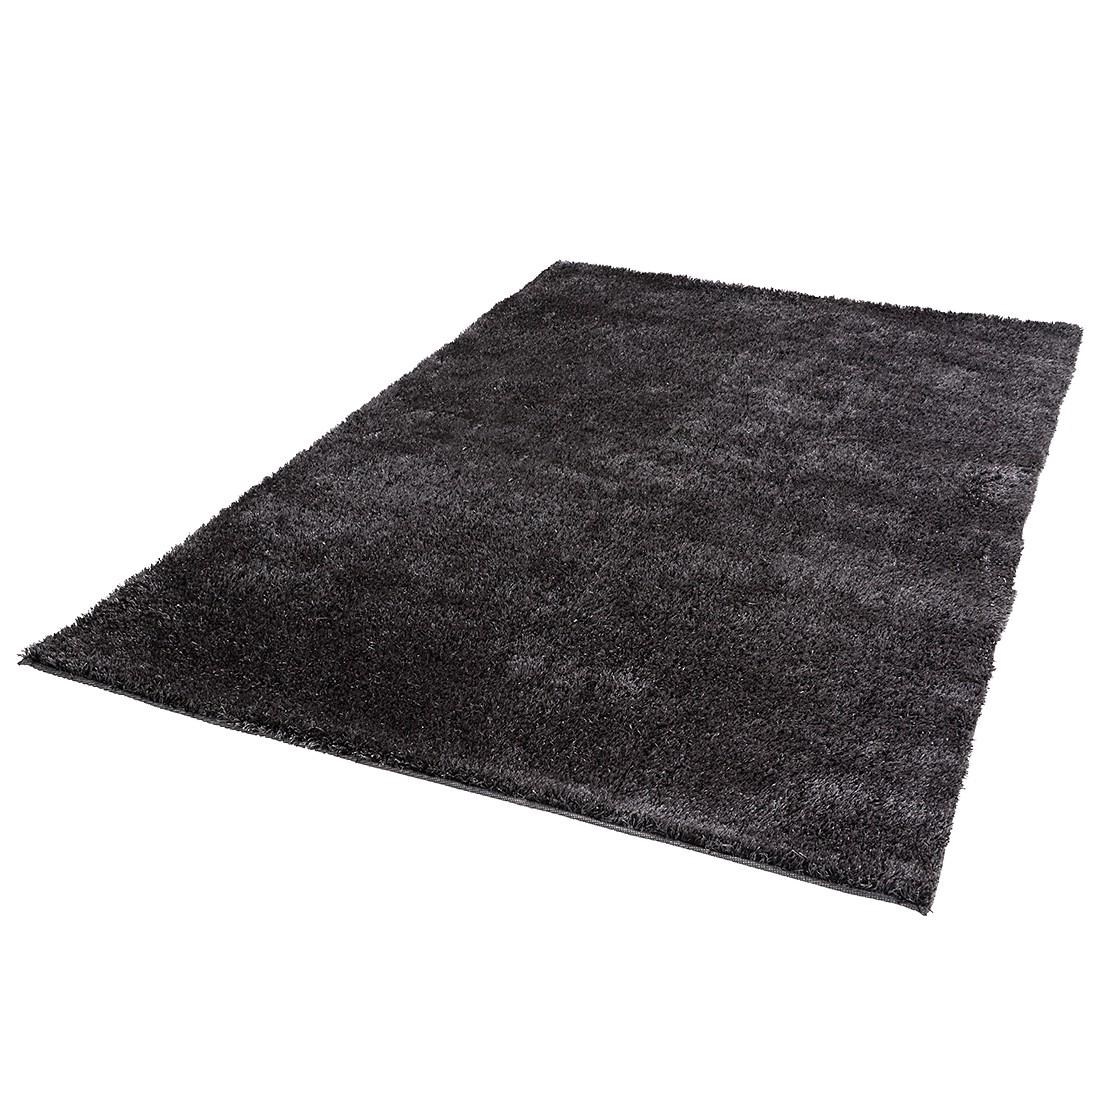 Teppich Heaven – Anthrazit – 60 x 130 cm, DEKOWE kaufen